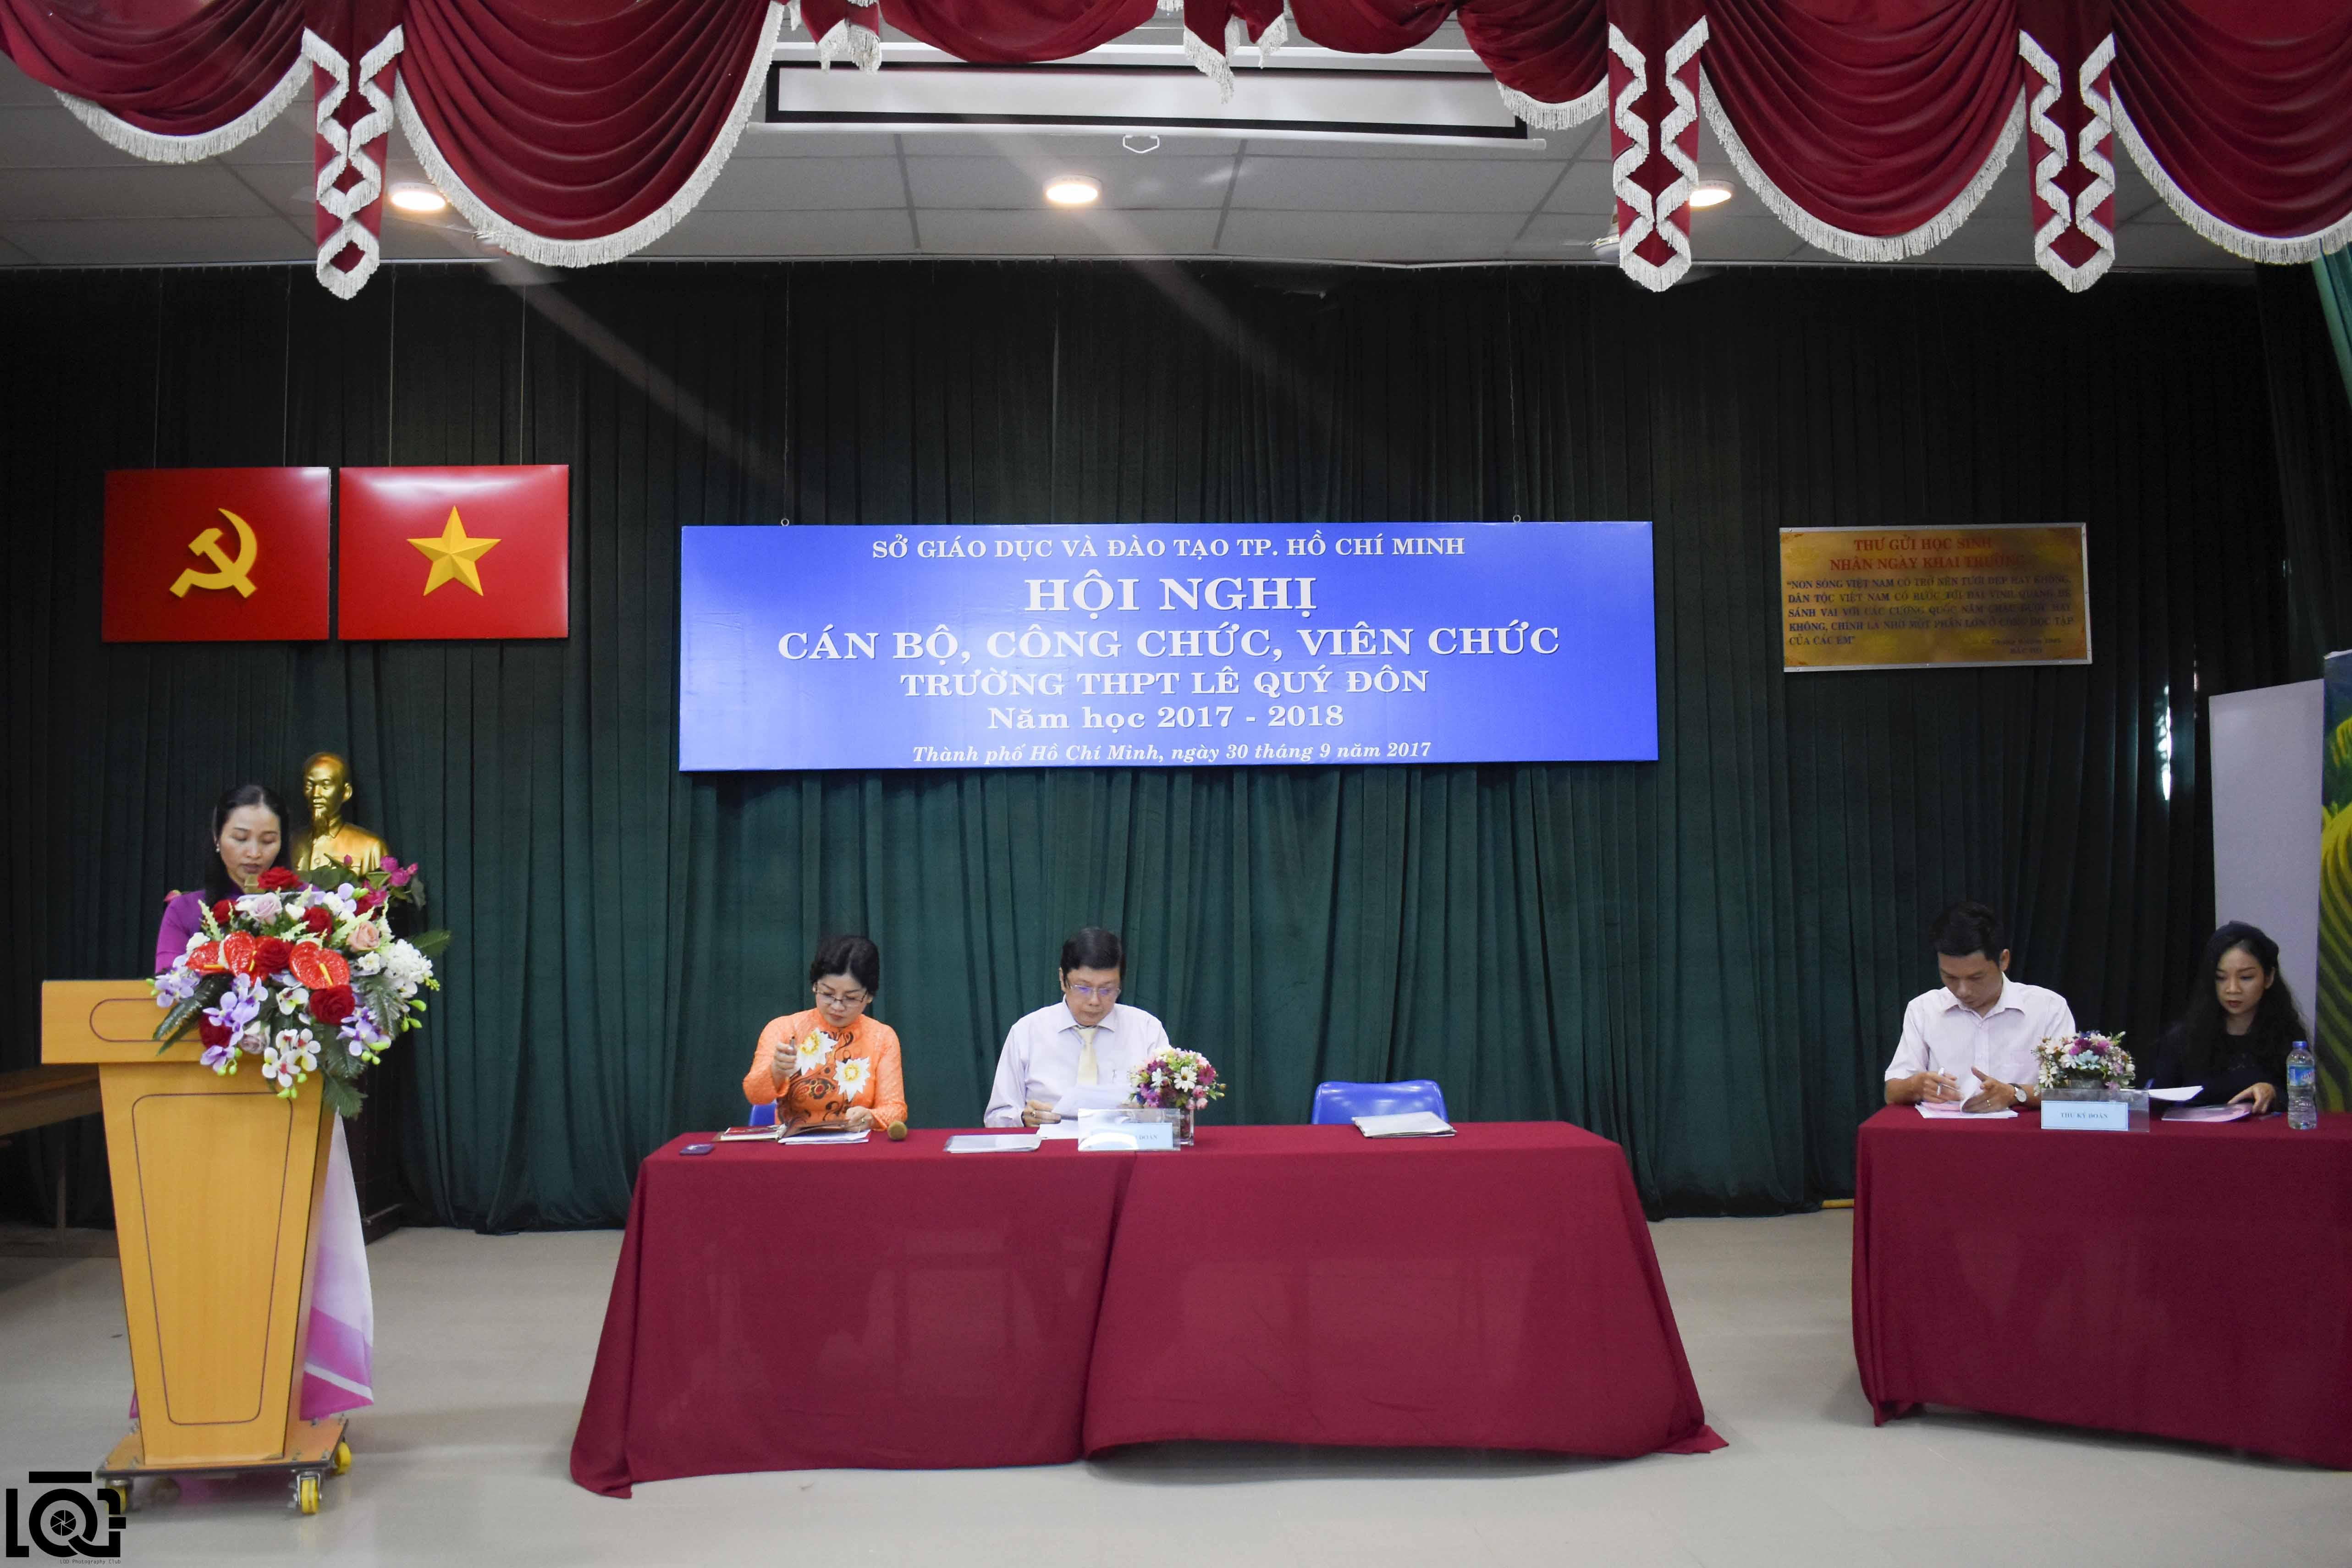 Hội nghị cán bộ, công chức, viên chức năm học 2017 - 2018